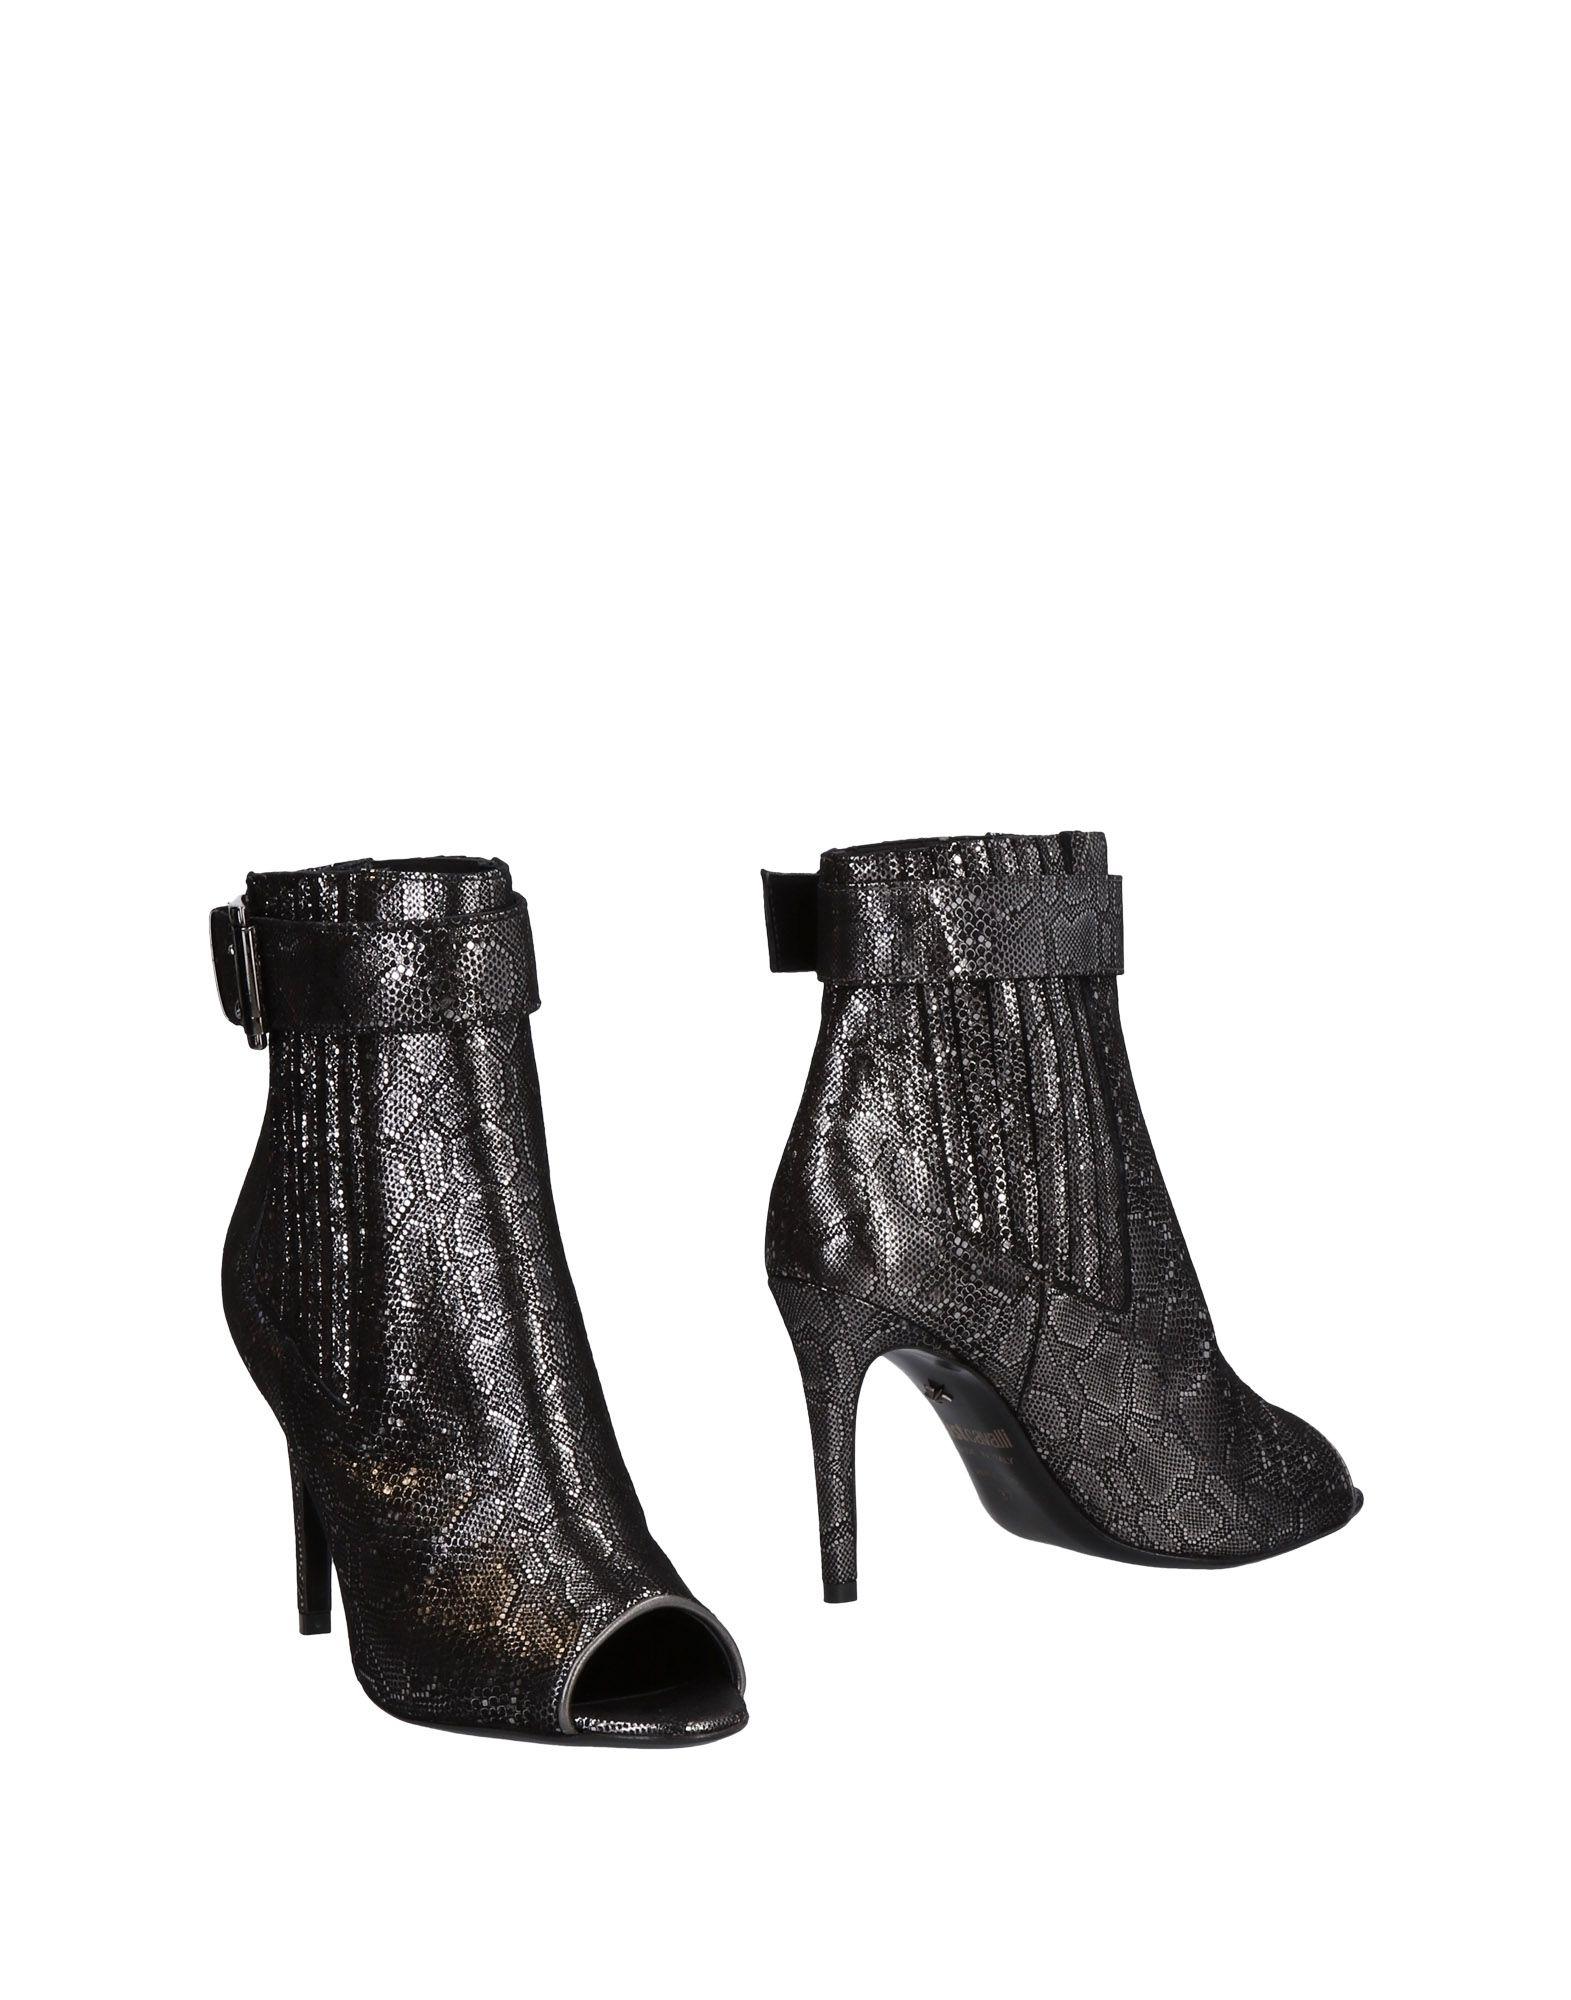 ФОТО just cavalli Полусапоги и высокие ботинки